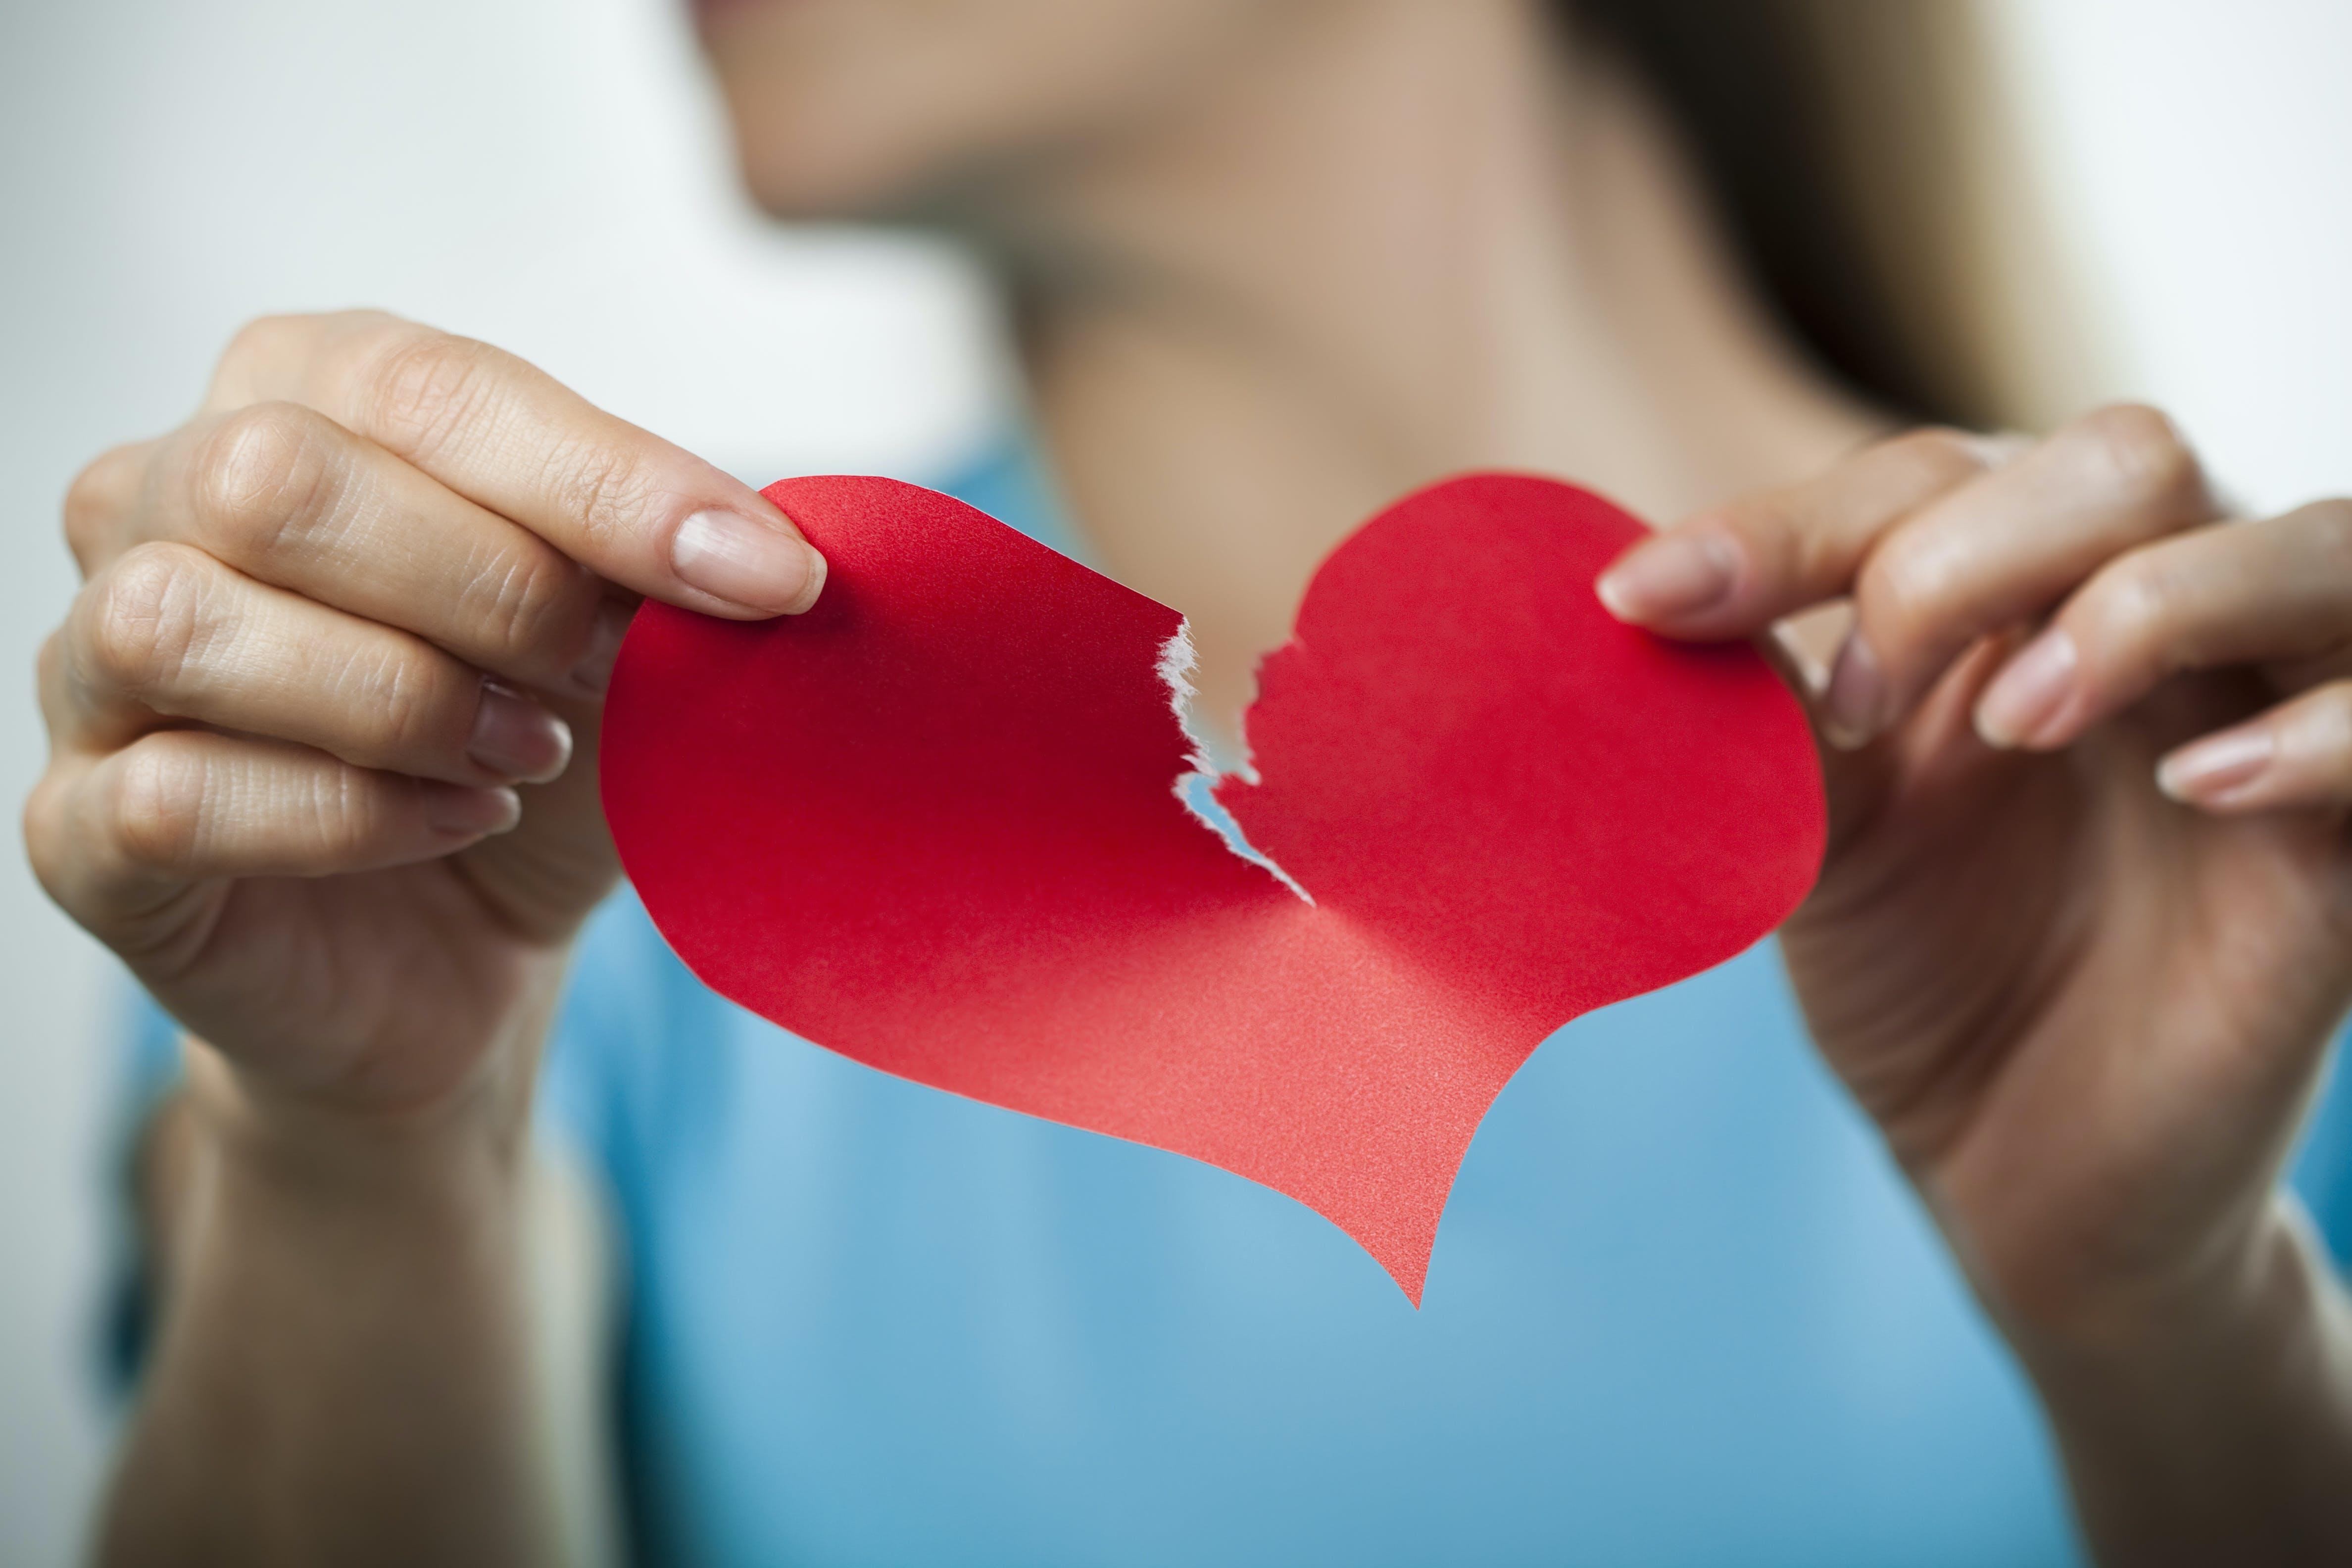 sunn livsstil psykologi dette bor du unnga hvis du ikke vil risikere a bli skilt